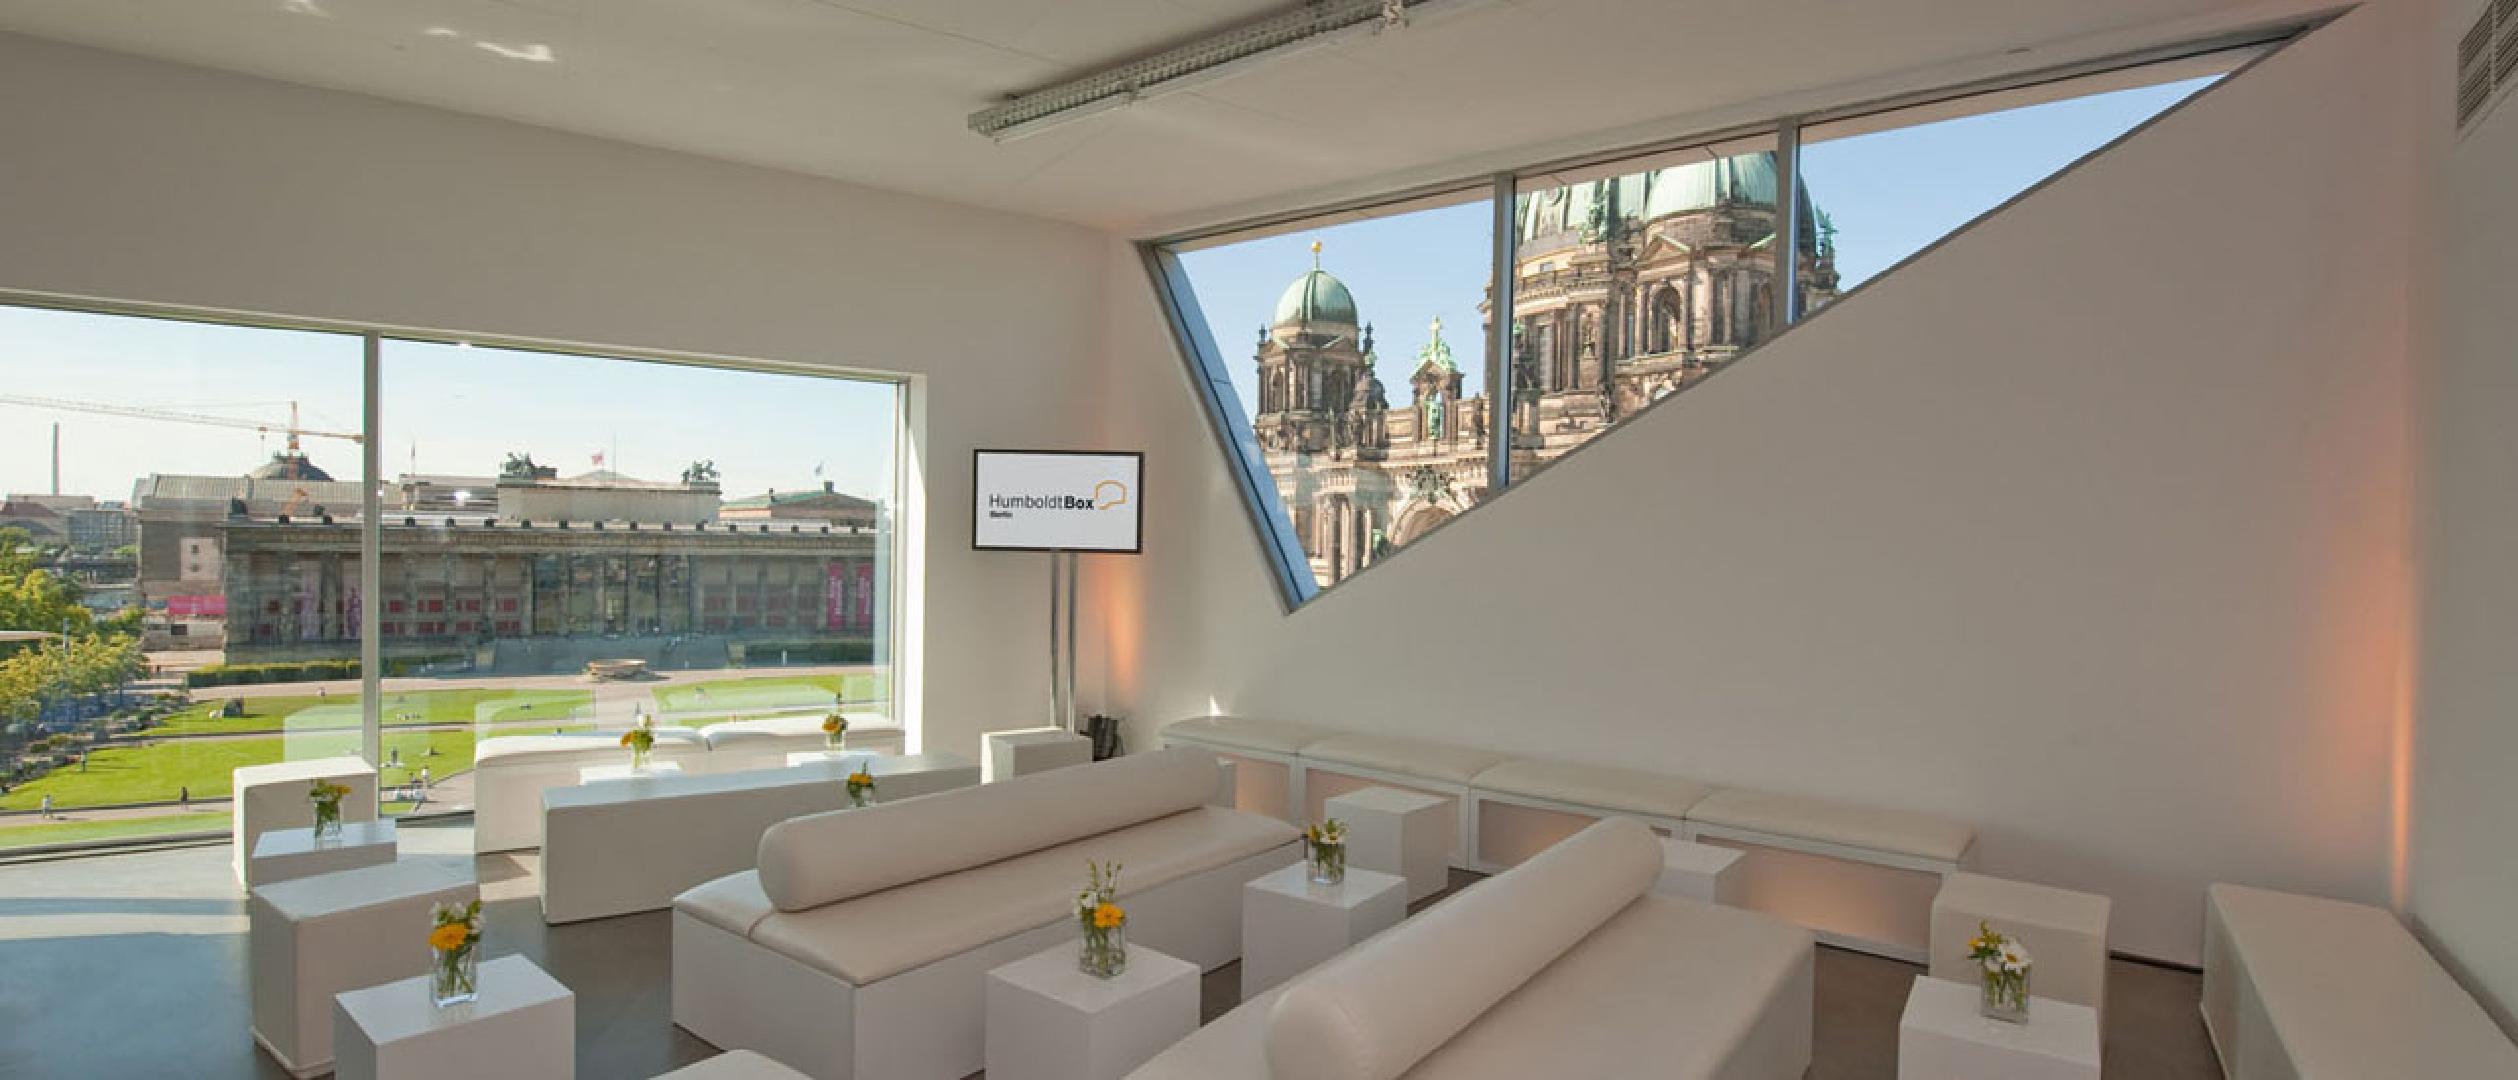 Bild 3 von Humboldt-Box Sky-Lounge